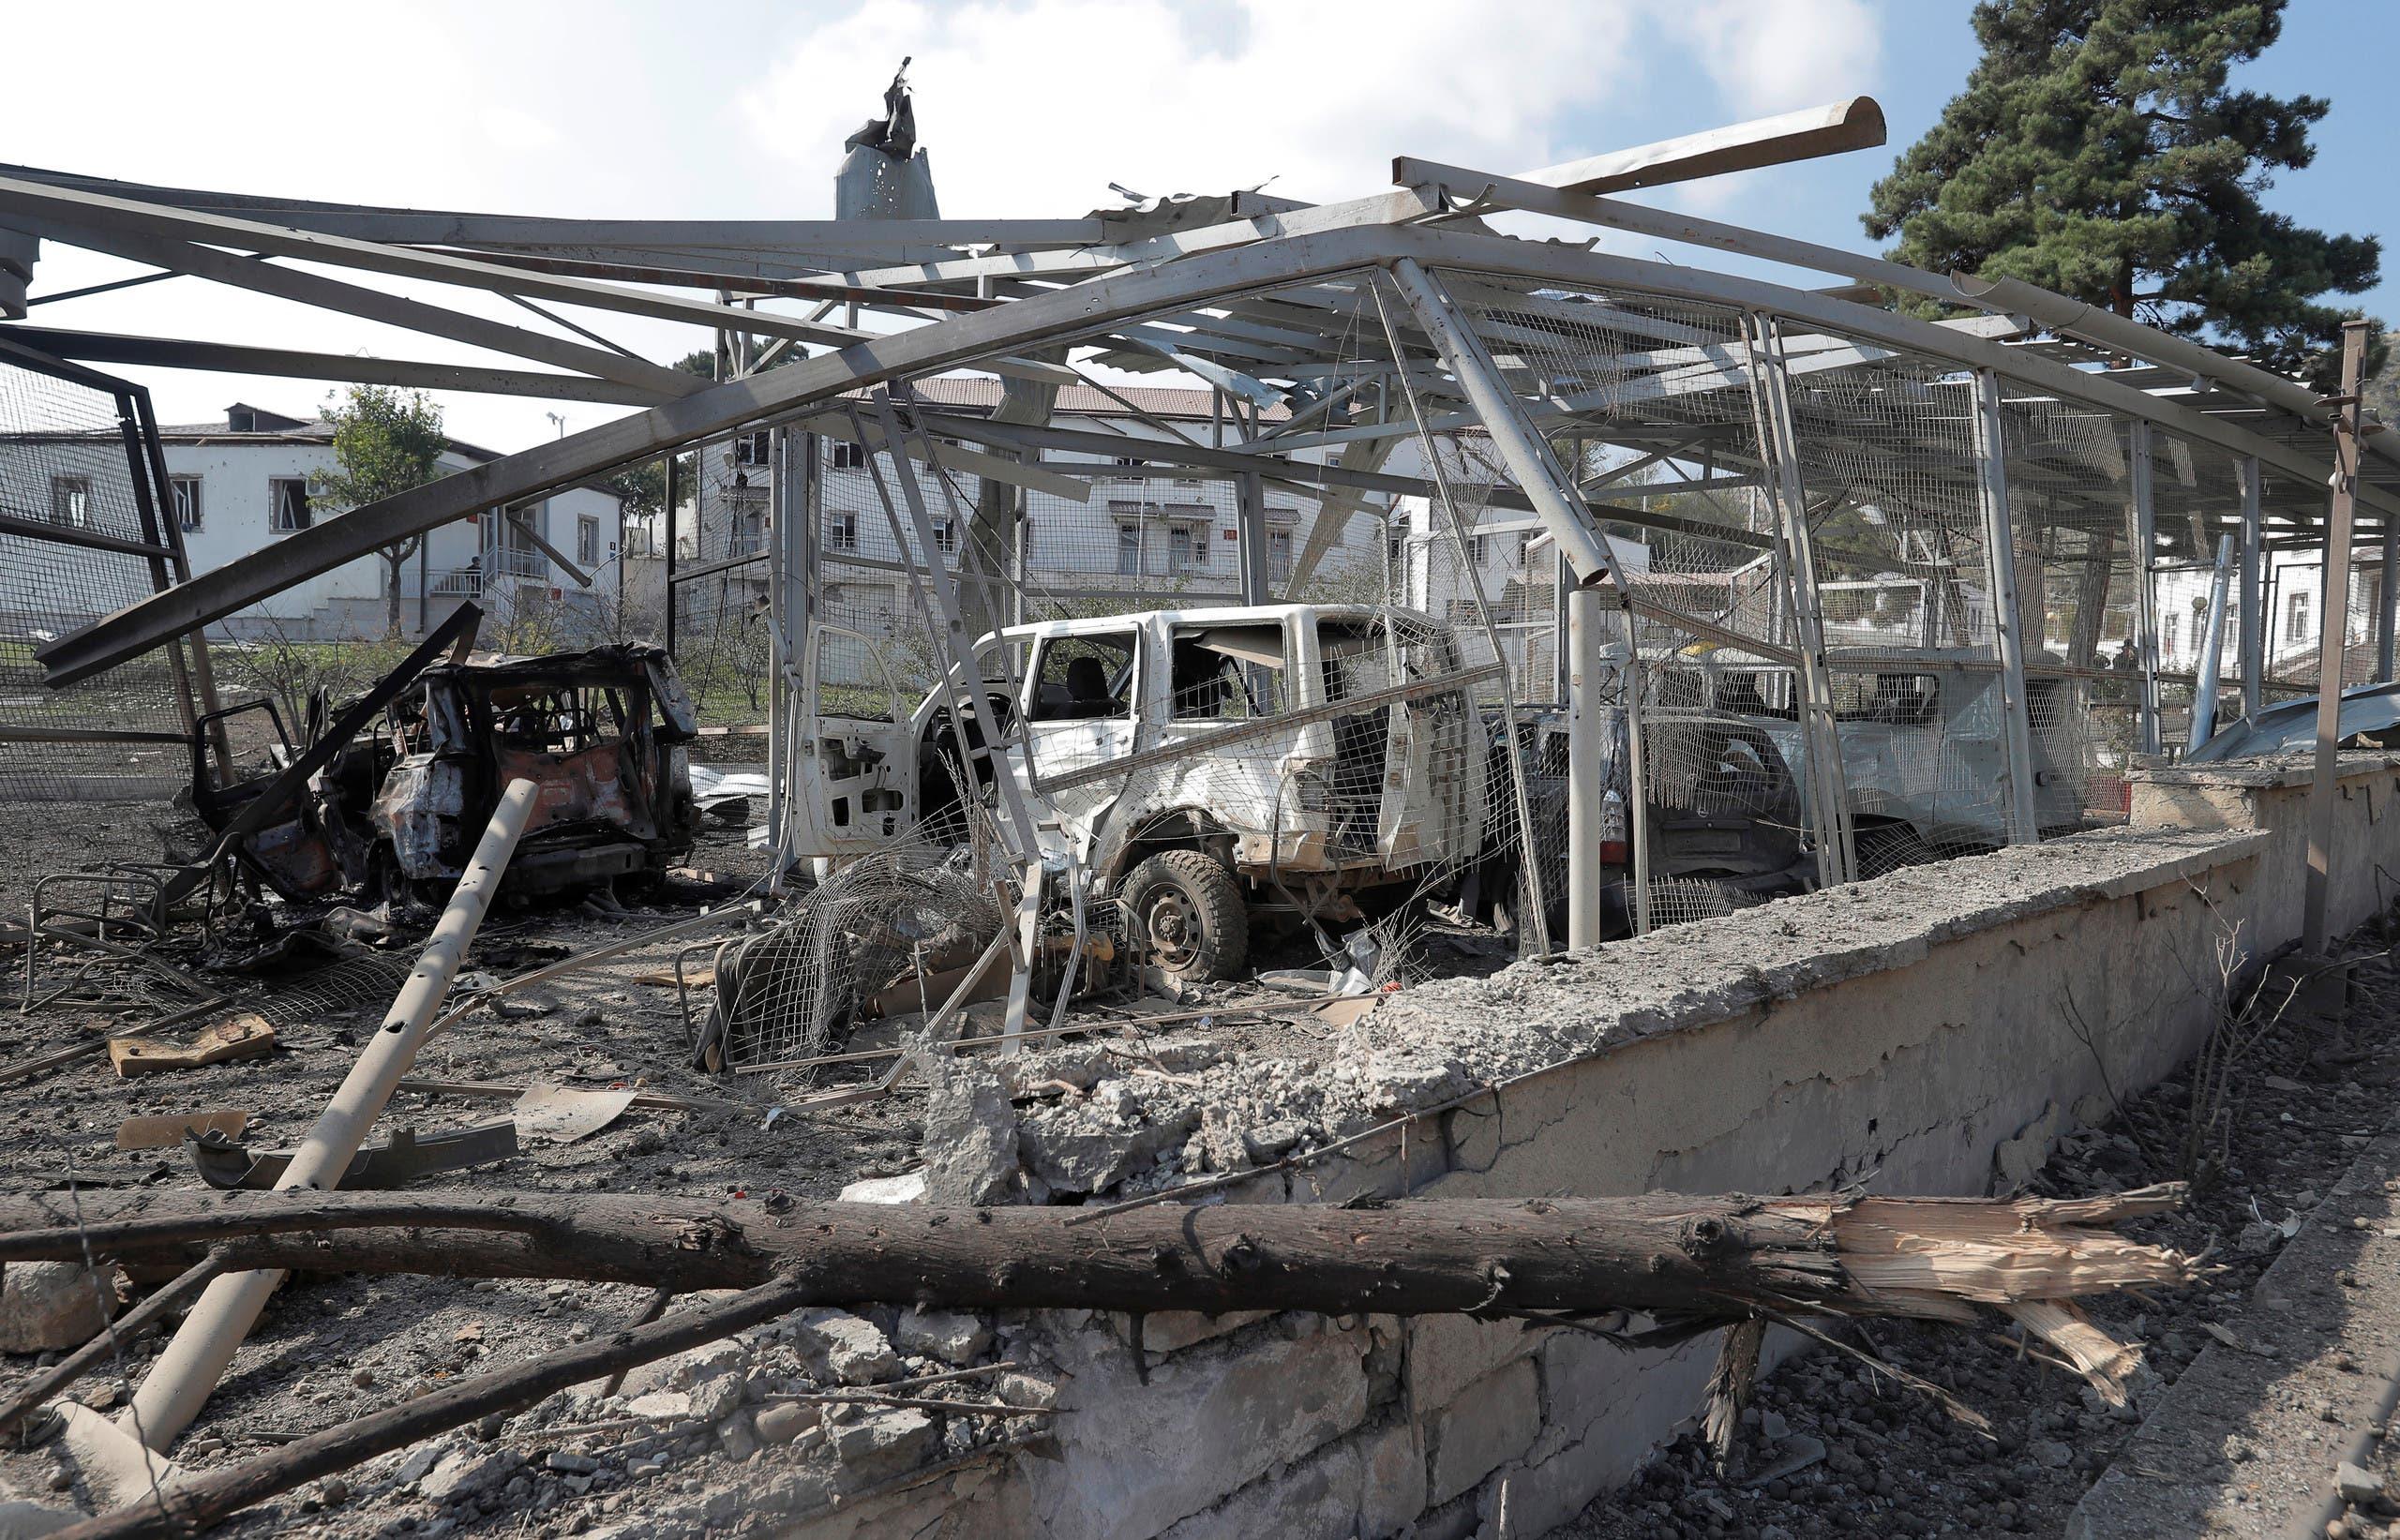 سيارات محطمة أمام مستشفى بسبب قصف للقوات الأذربيجانية، طبقاً لوزارة خارجية إقليم ناغورنو كاراباخ- أرشيفية